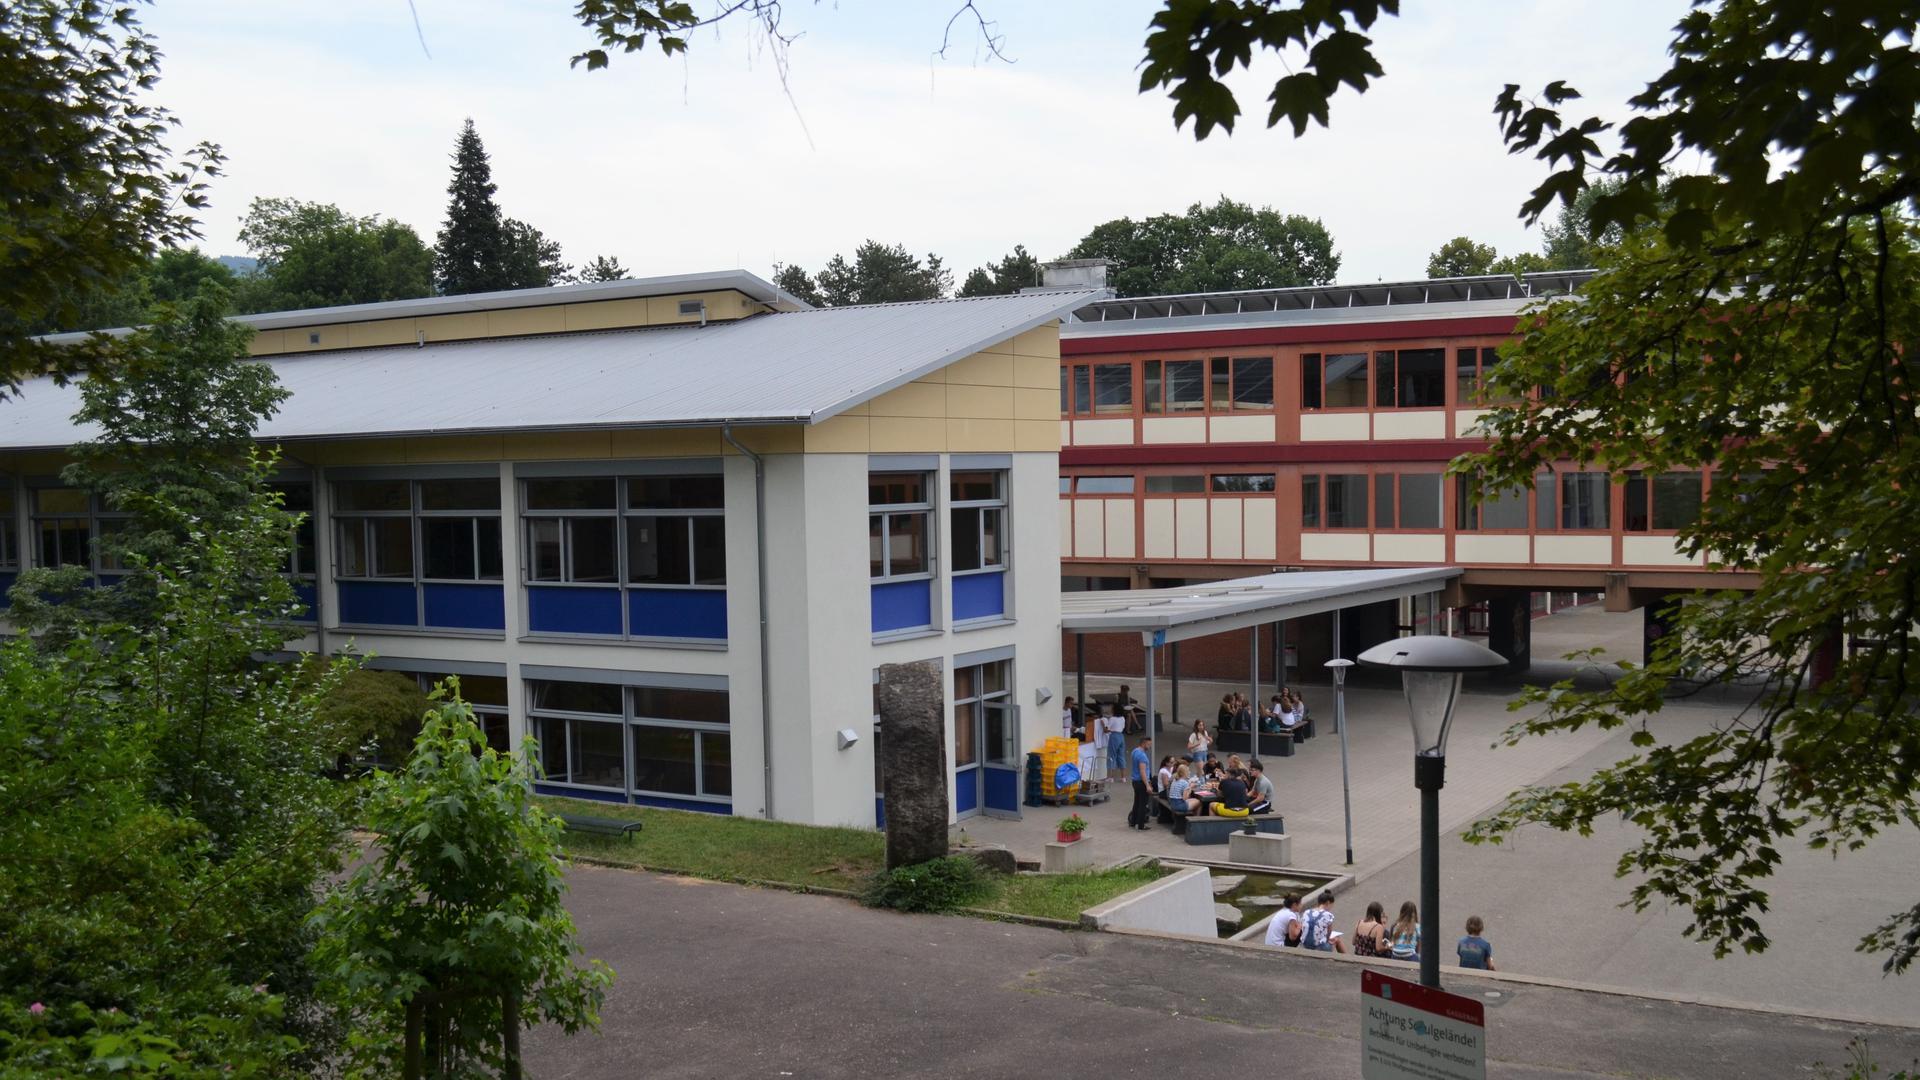 Am -Goethe-Gymnasium Gaggenau werden aktuell 884 Schülerinnen und Schüler, 19 weniger als im vergangenen Schuljahr.